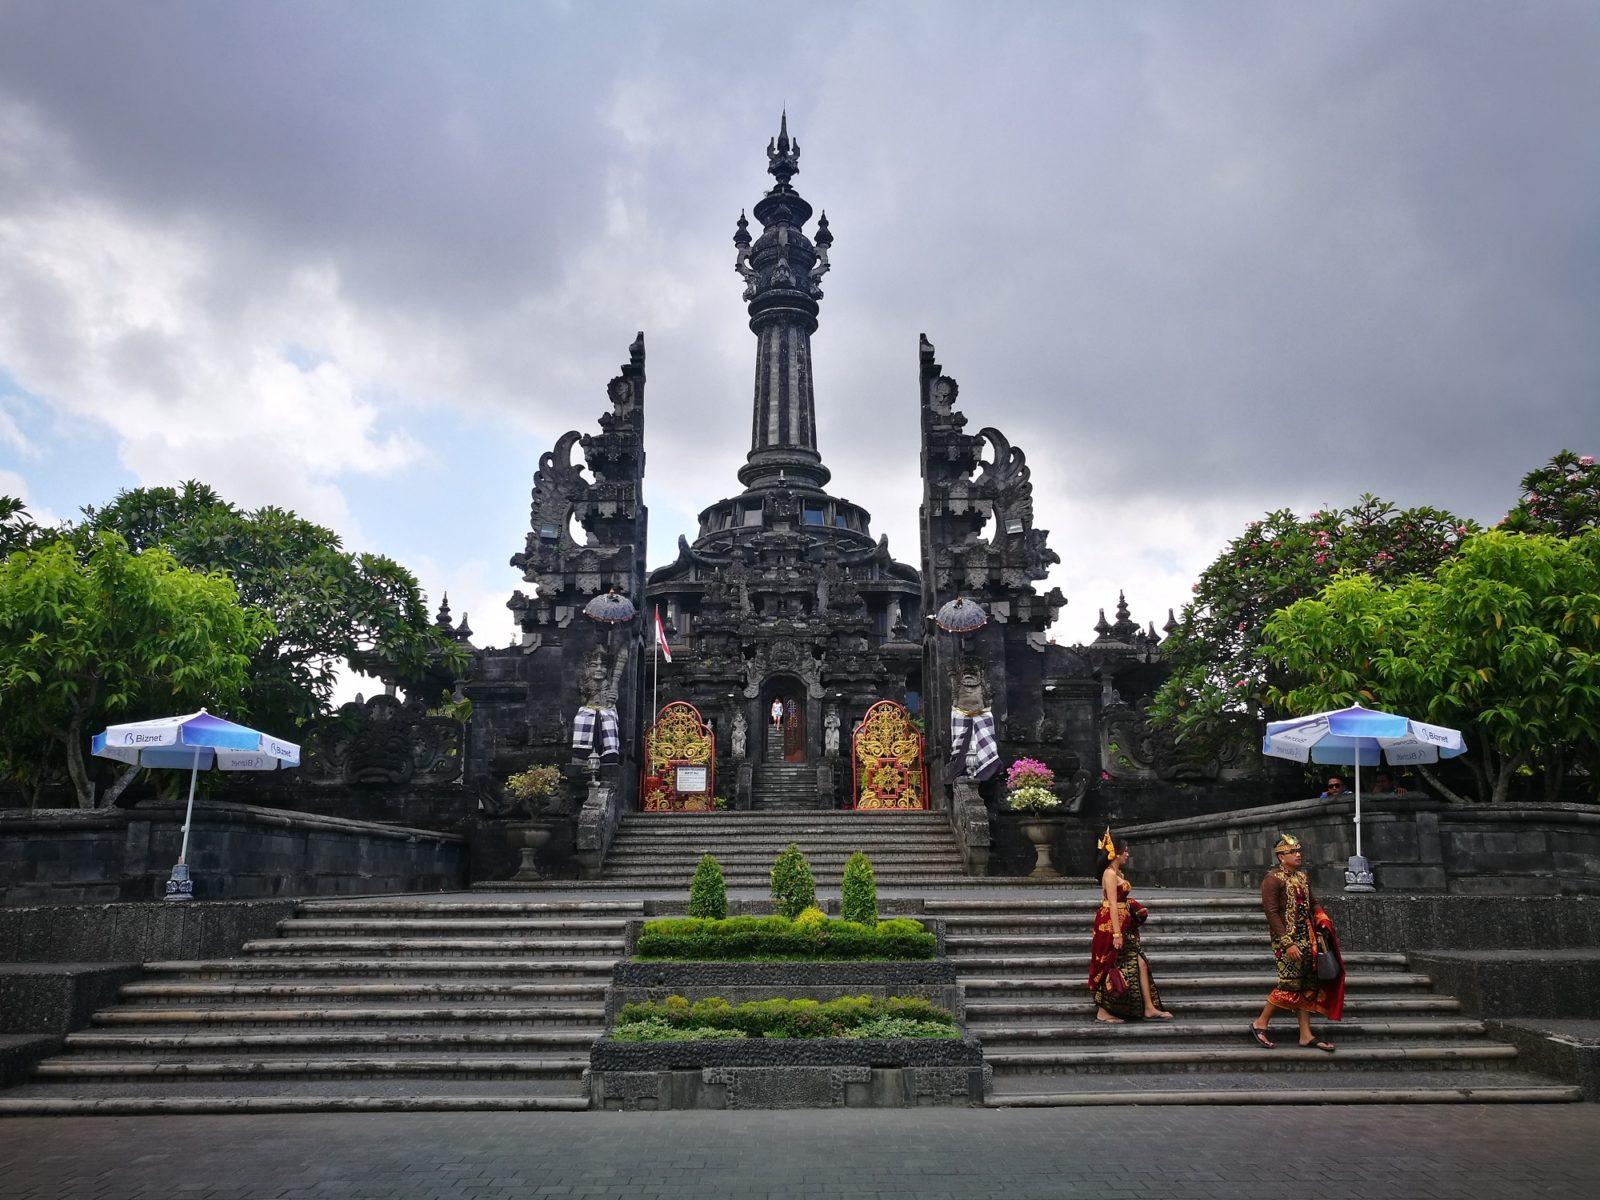 Monumen Bajra Sandhi Tiket & Daya Tarik November 9 - TravelsPromo